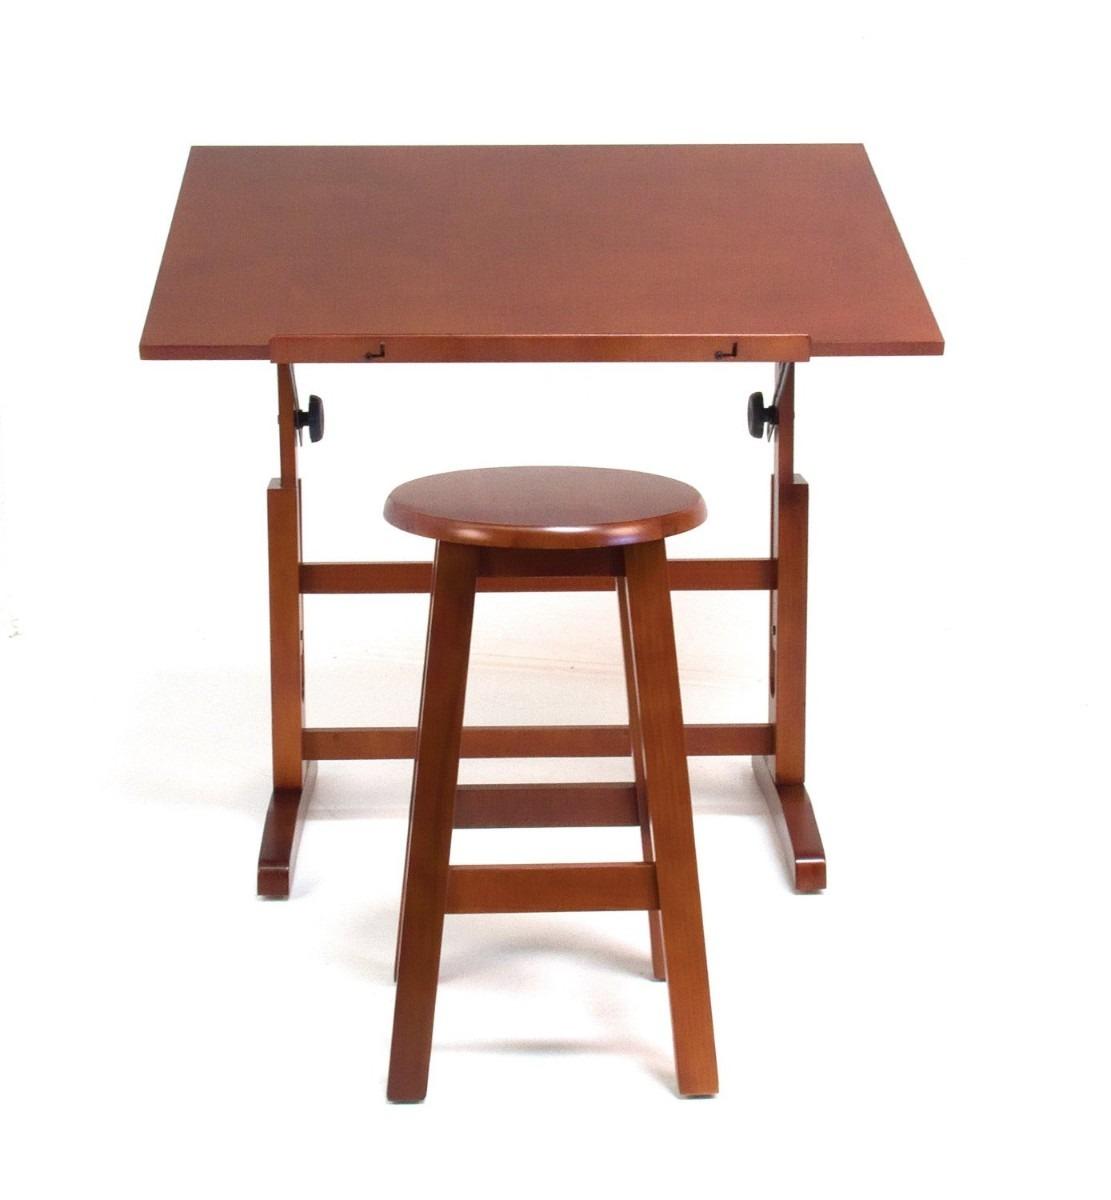 Mesa para dibujo artistico con silla escritorio dibujar for Silla para dibujar